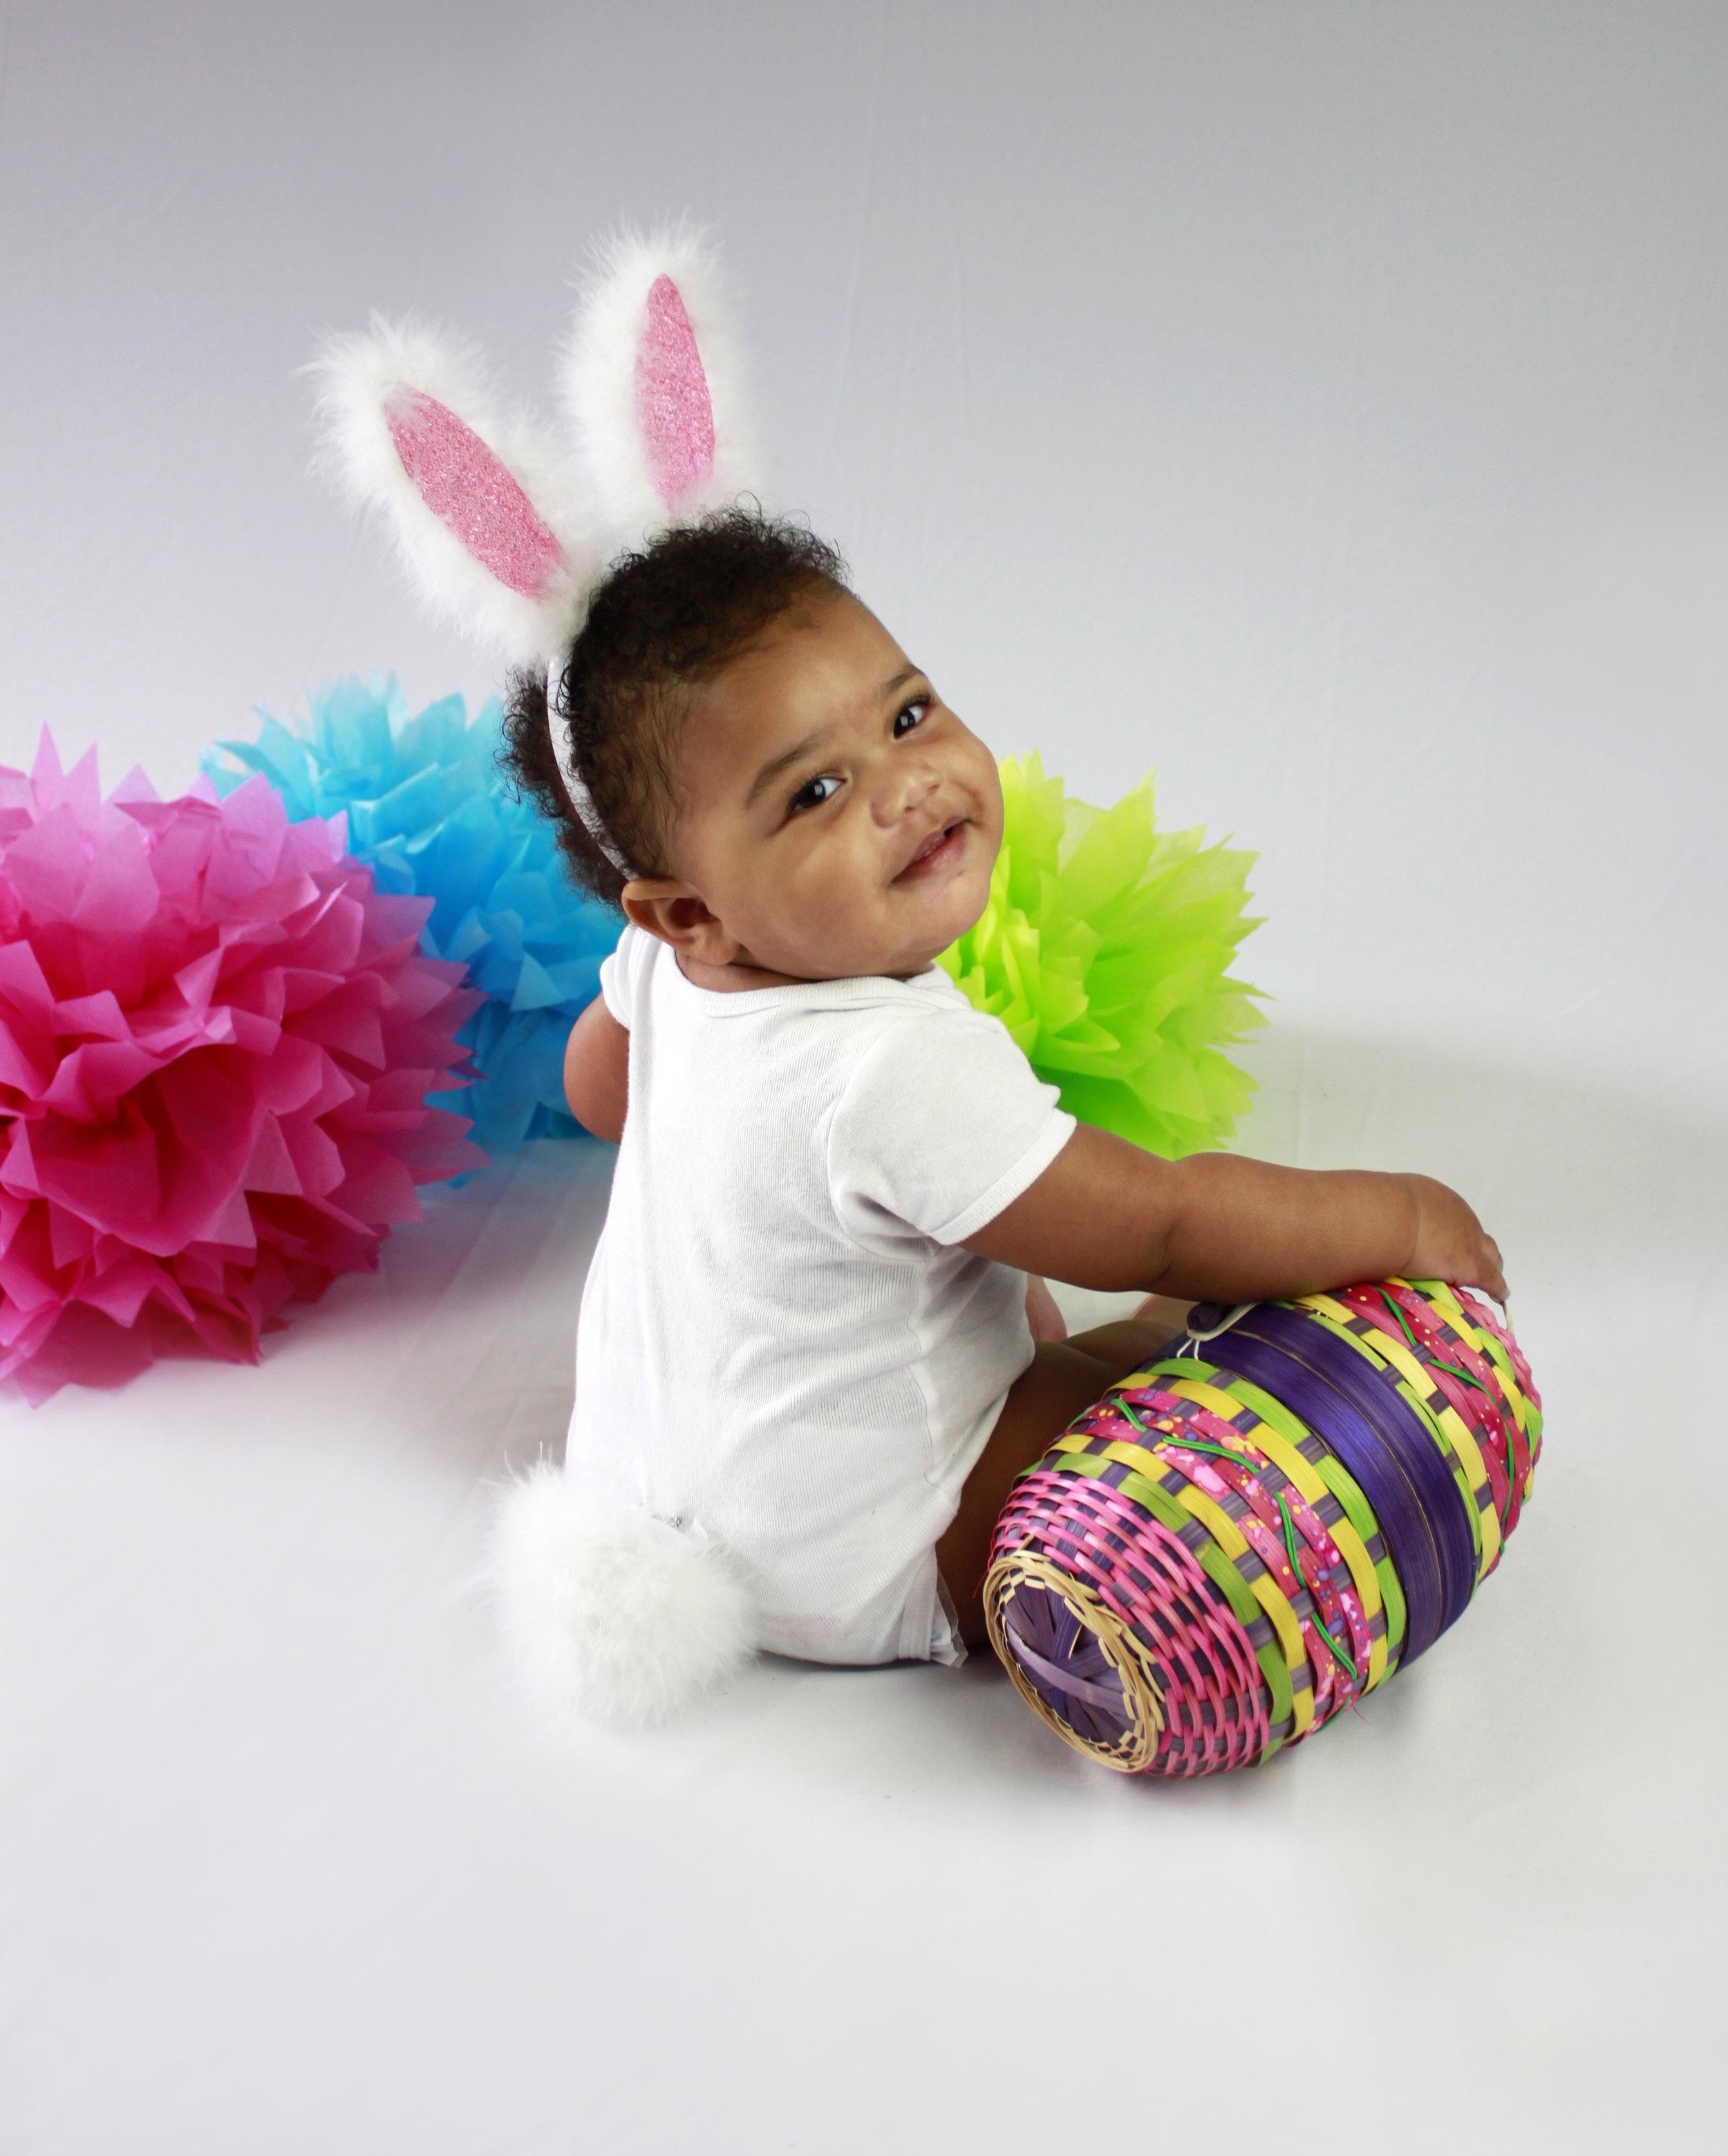 Kayin bunny.jpg